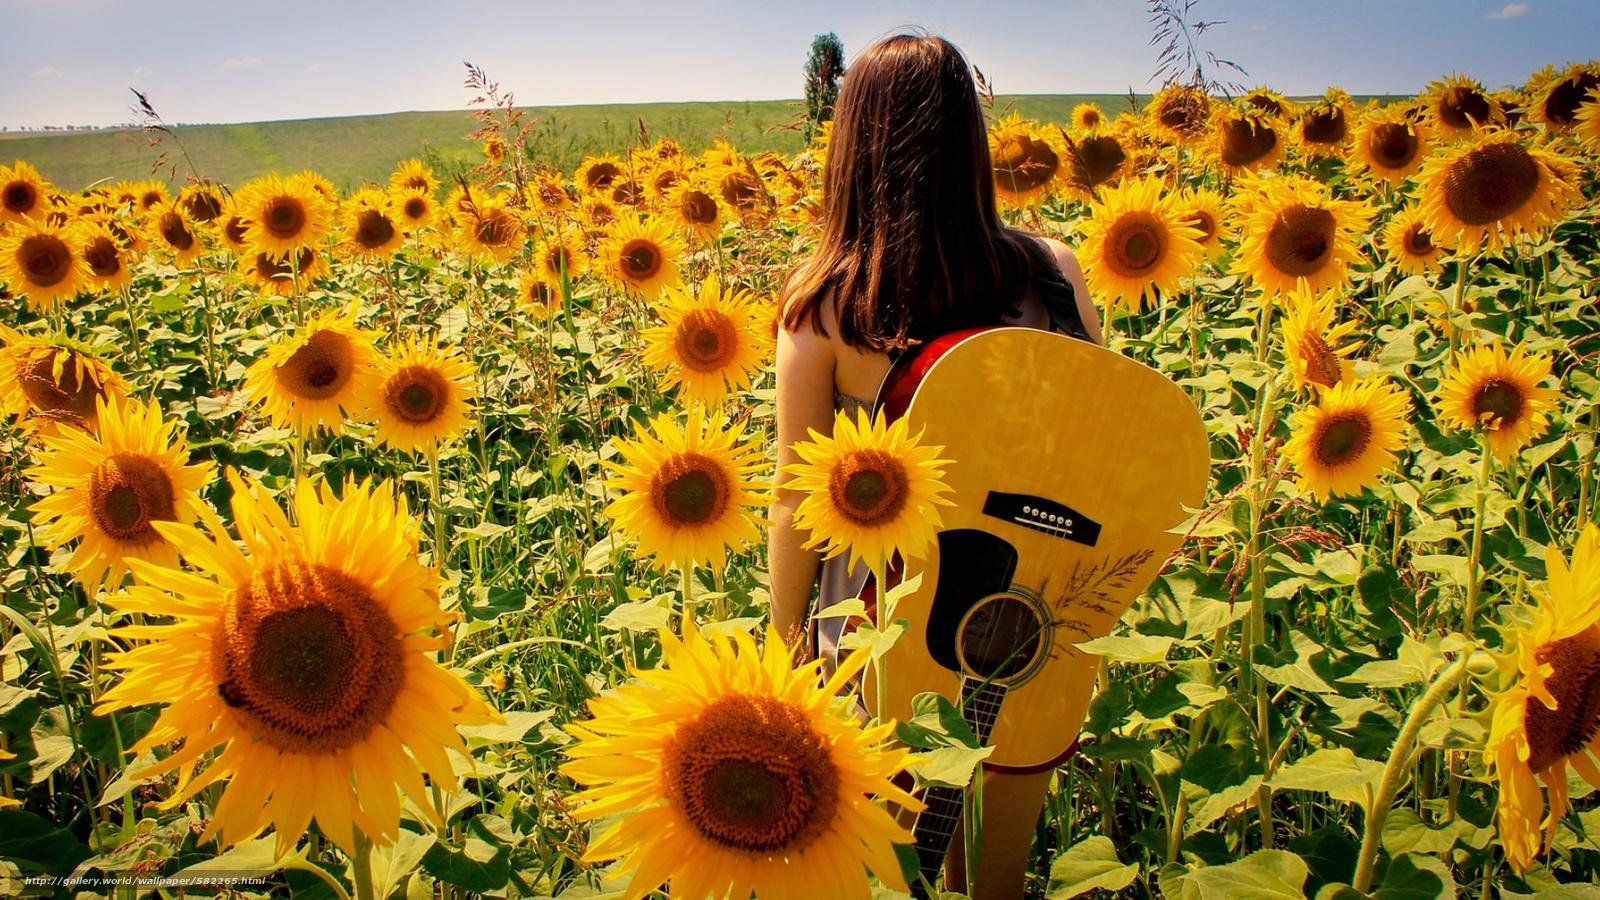 Картинки лето природа и девушки